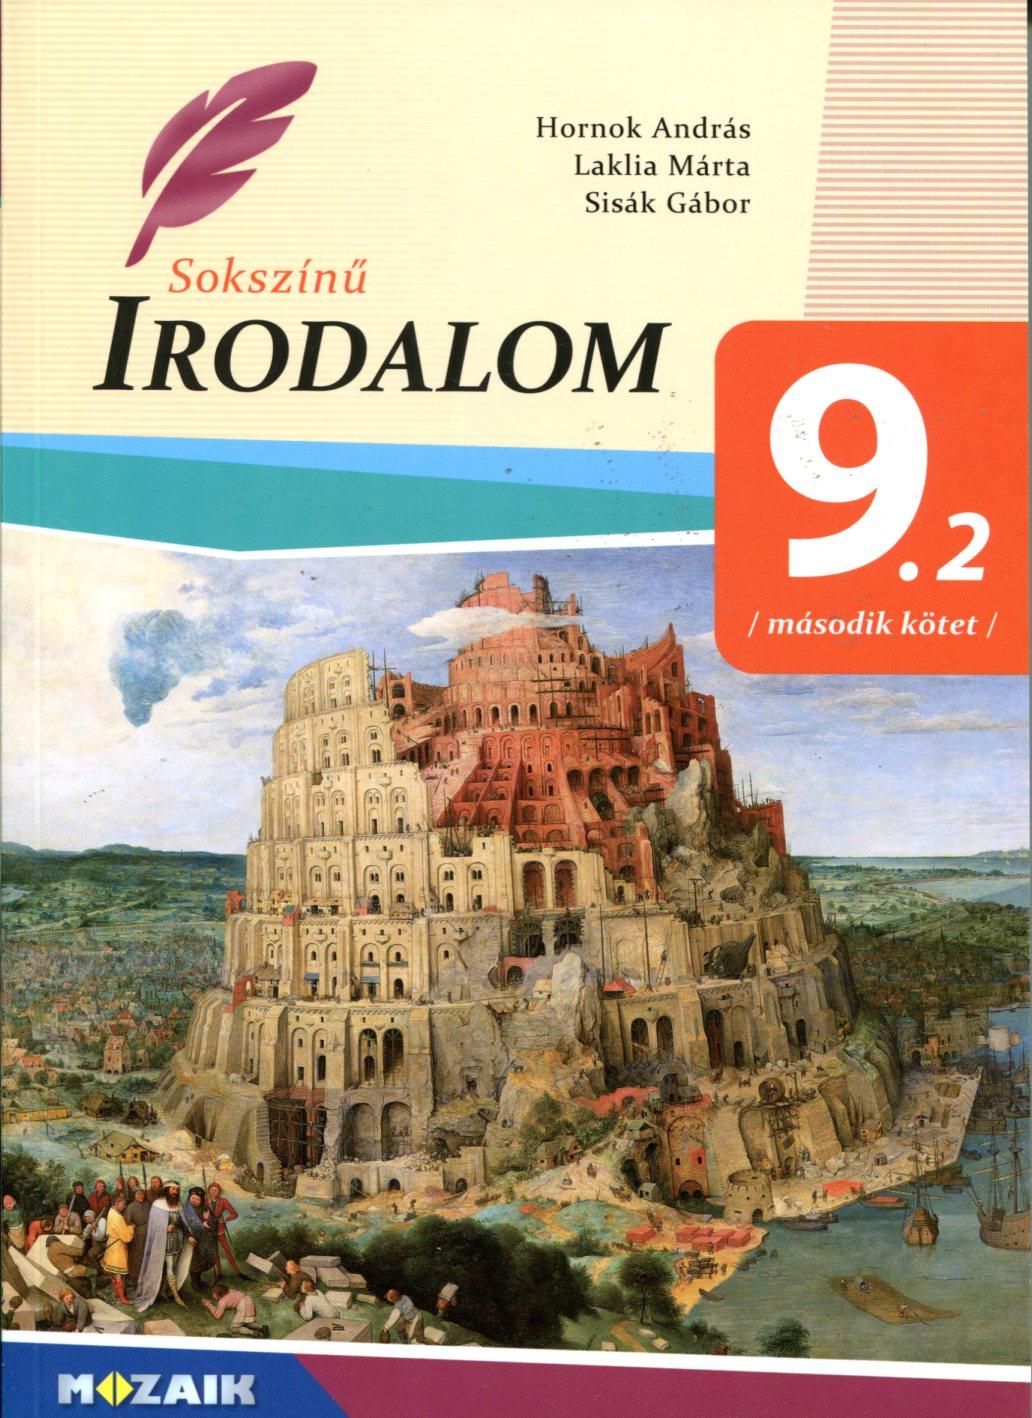 Sokszínű irodalom 9 2 Második kötet